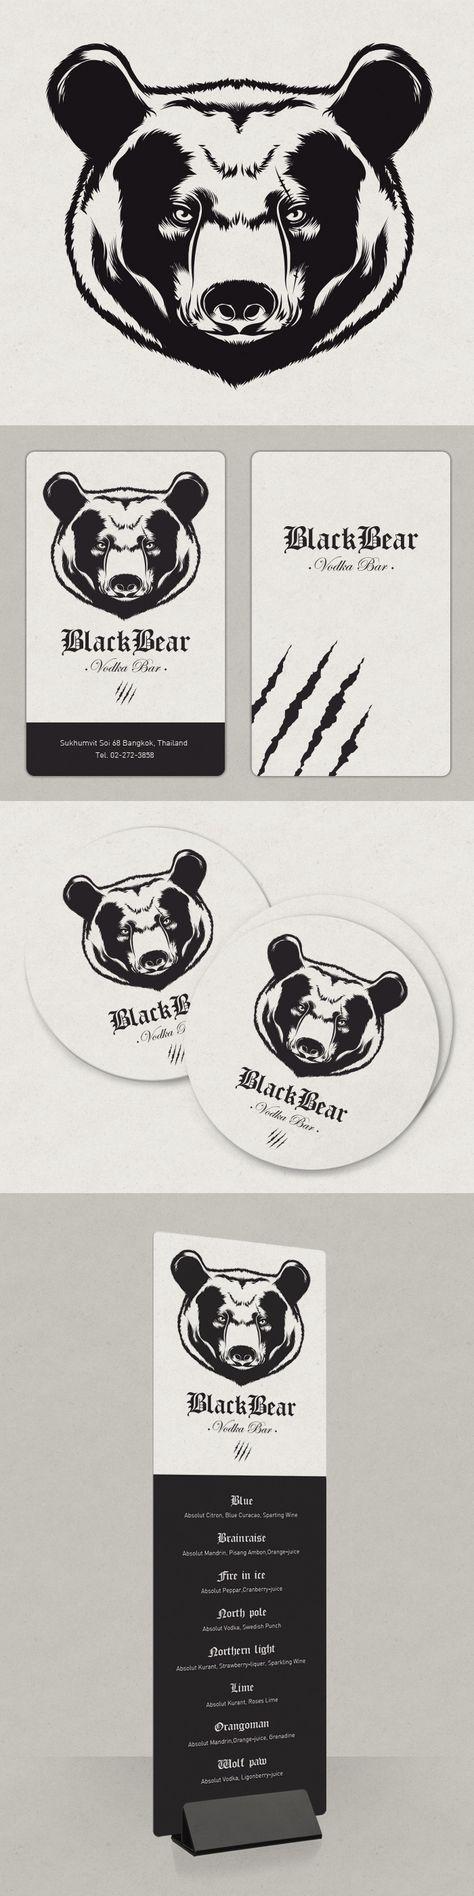 Black Bear - Bar à Vodka  / Création d'un logo et de supports de communication / Graphiste freelance, illustrateur, webdesigner